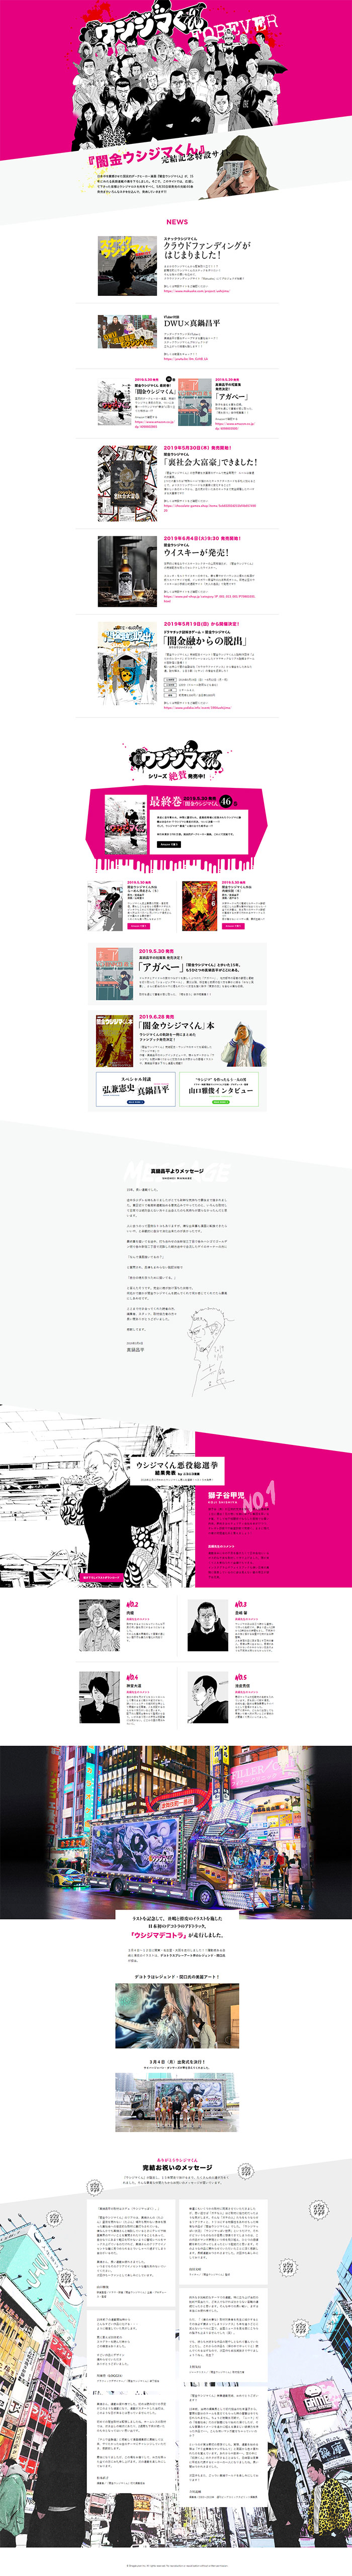 『闇金ウシジマくん』完結記念サイト|ついに終焉。ありがとうウシジマくん!